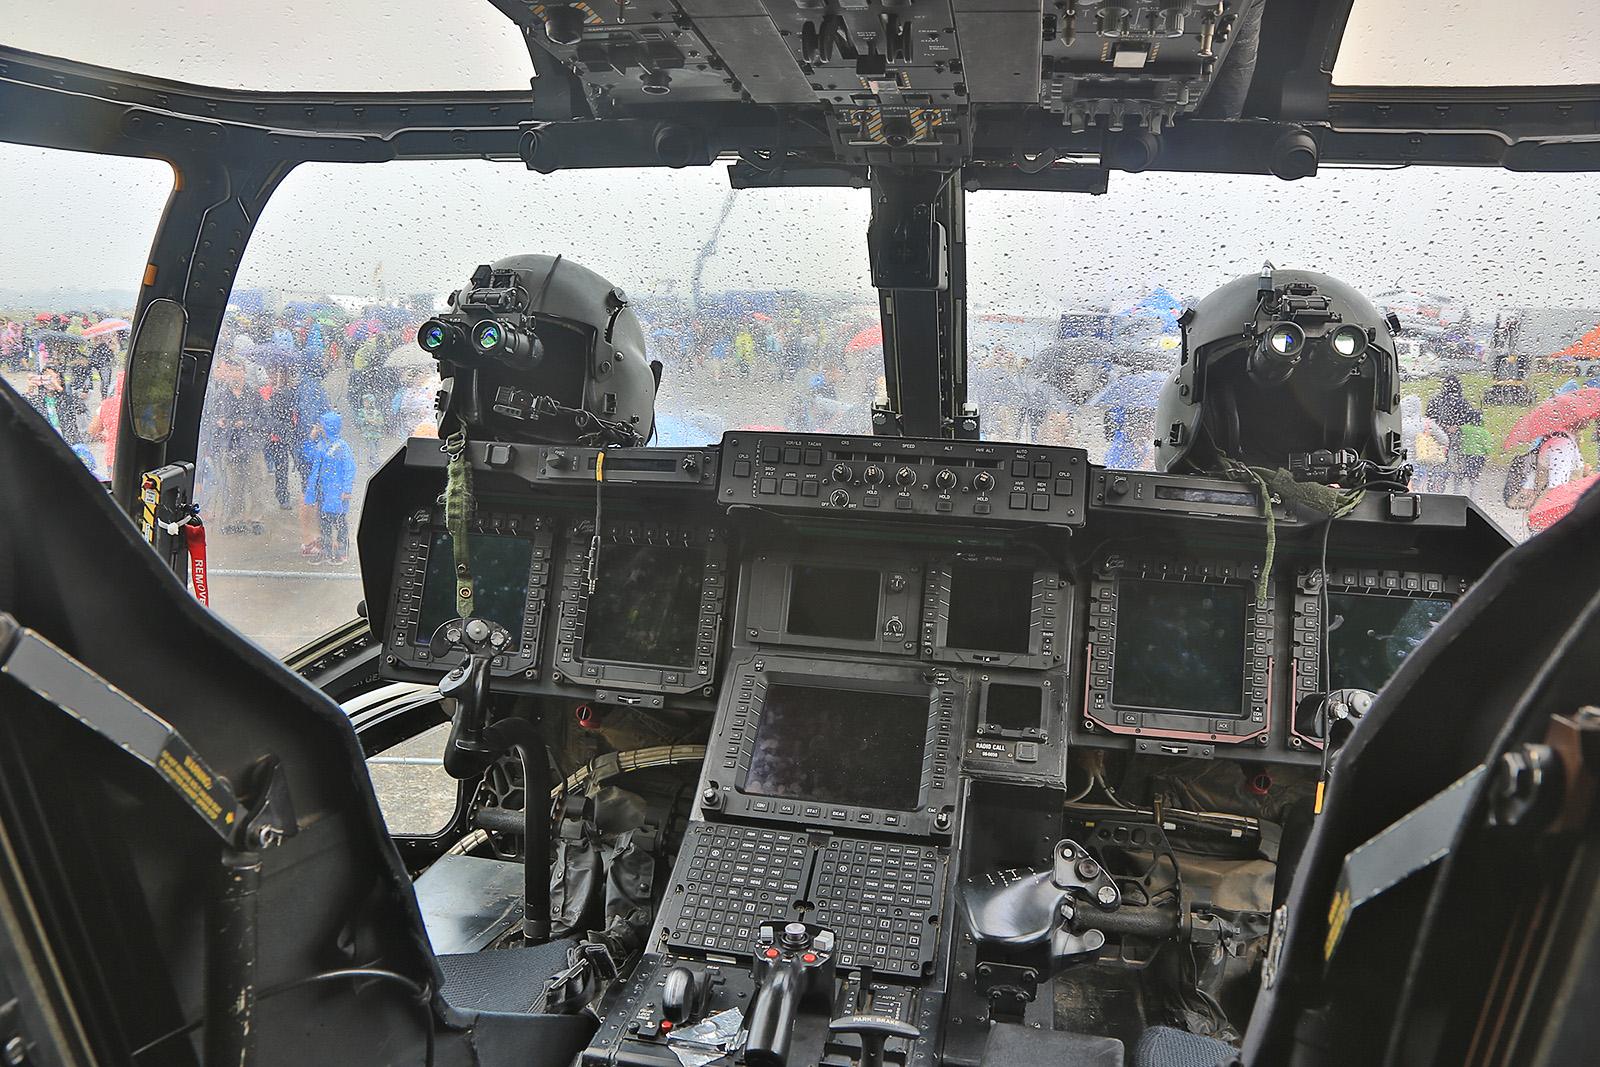 Zum Abschluss das Innere einer CV-22 Osprey der US Air Force aus RAF Mildenhall.